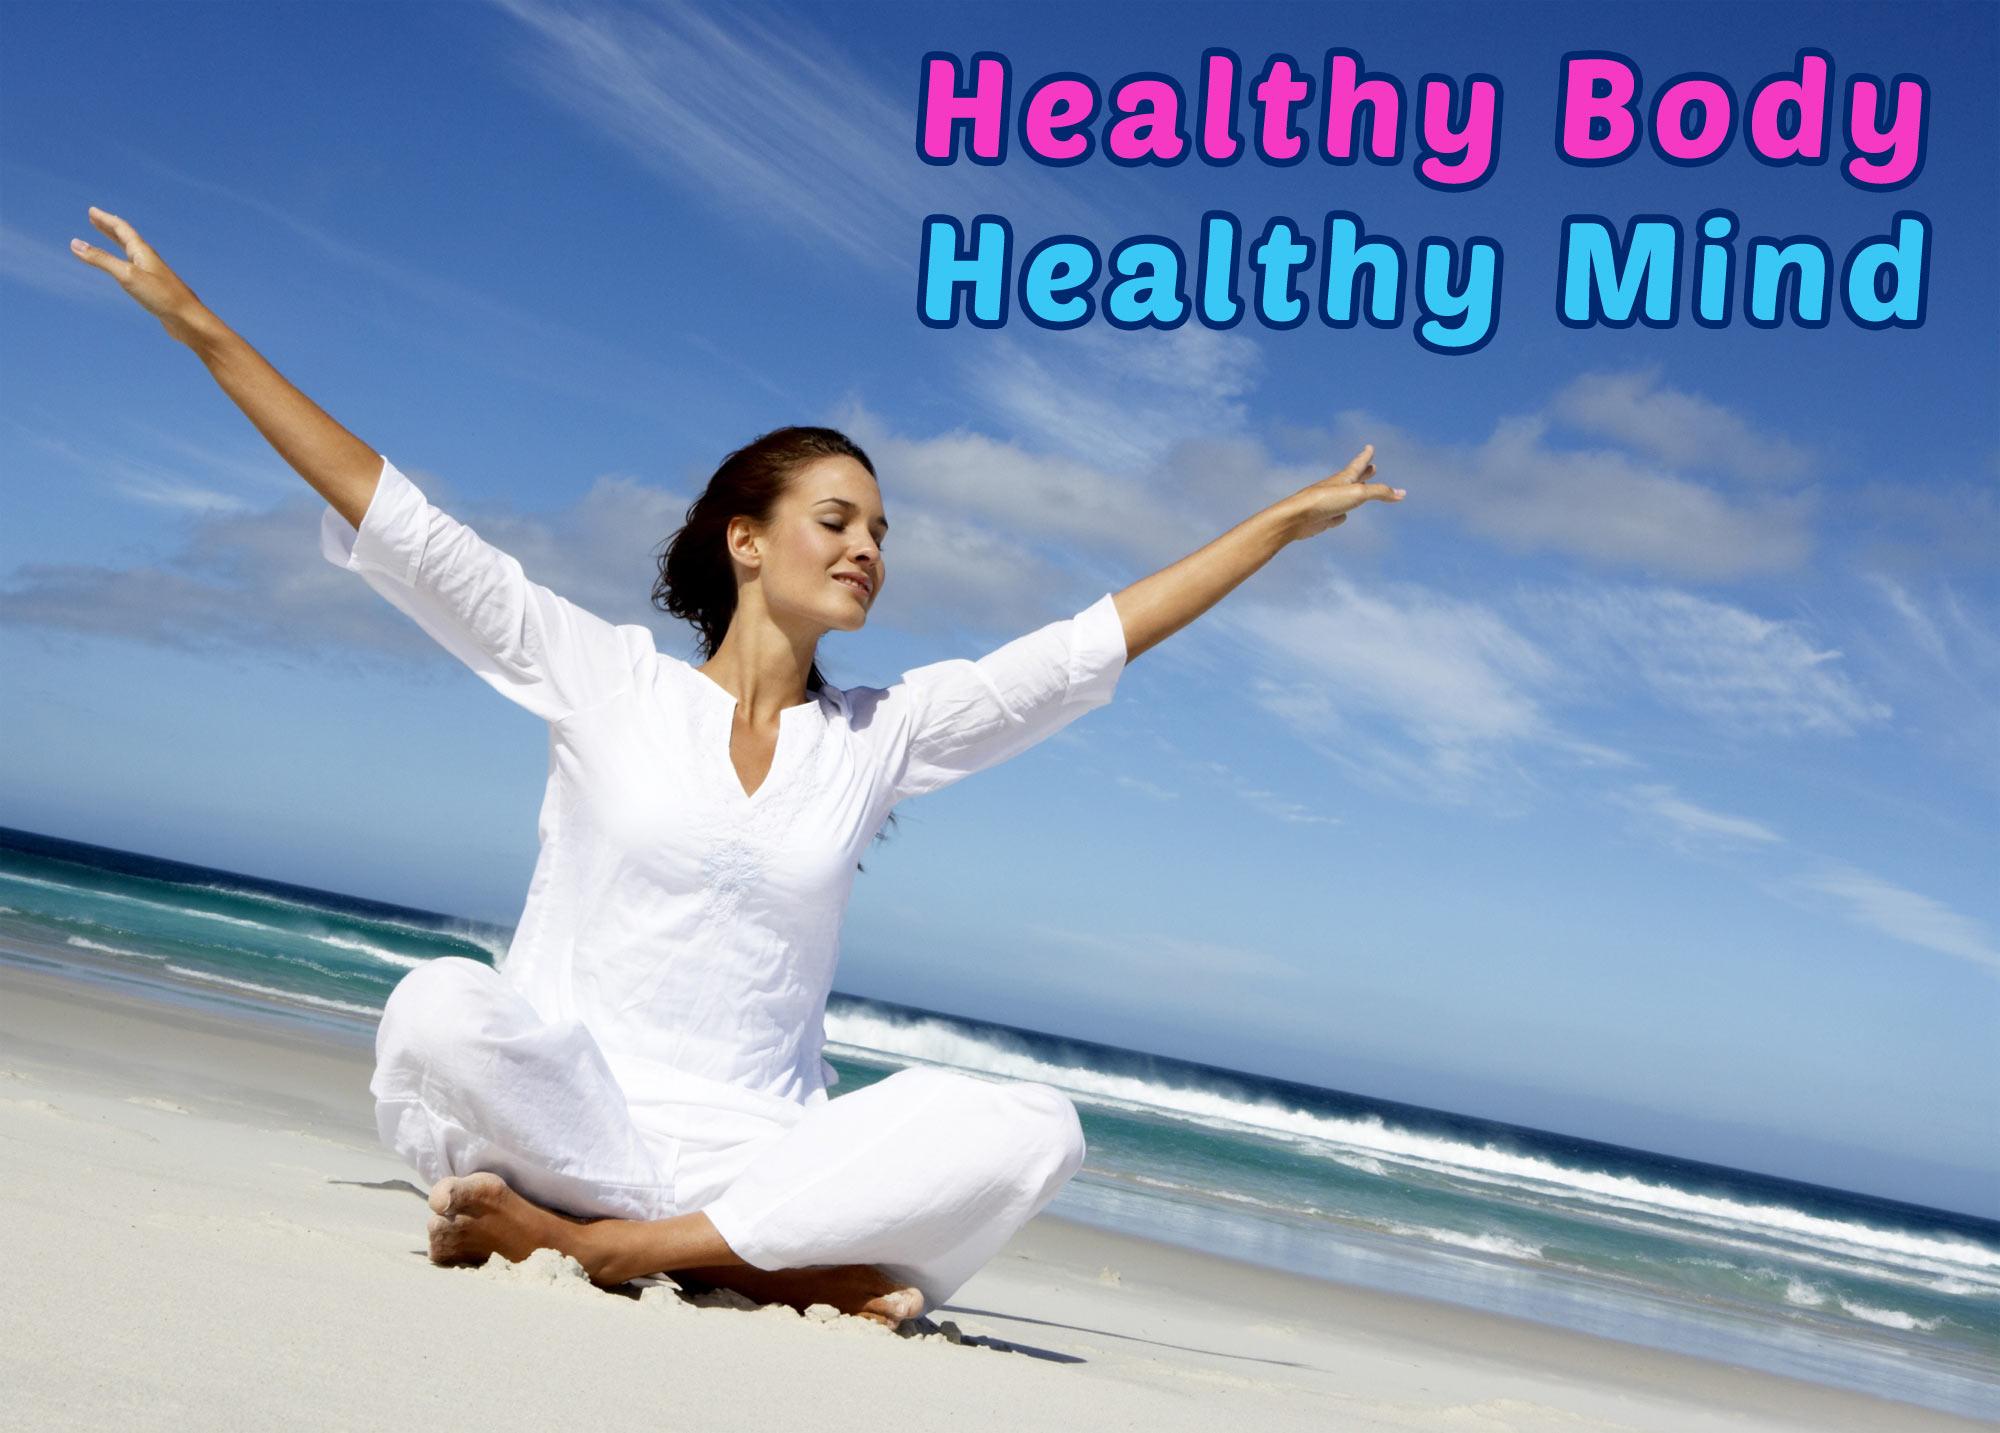 healthy body mind